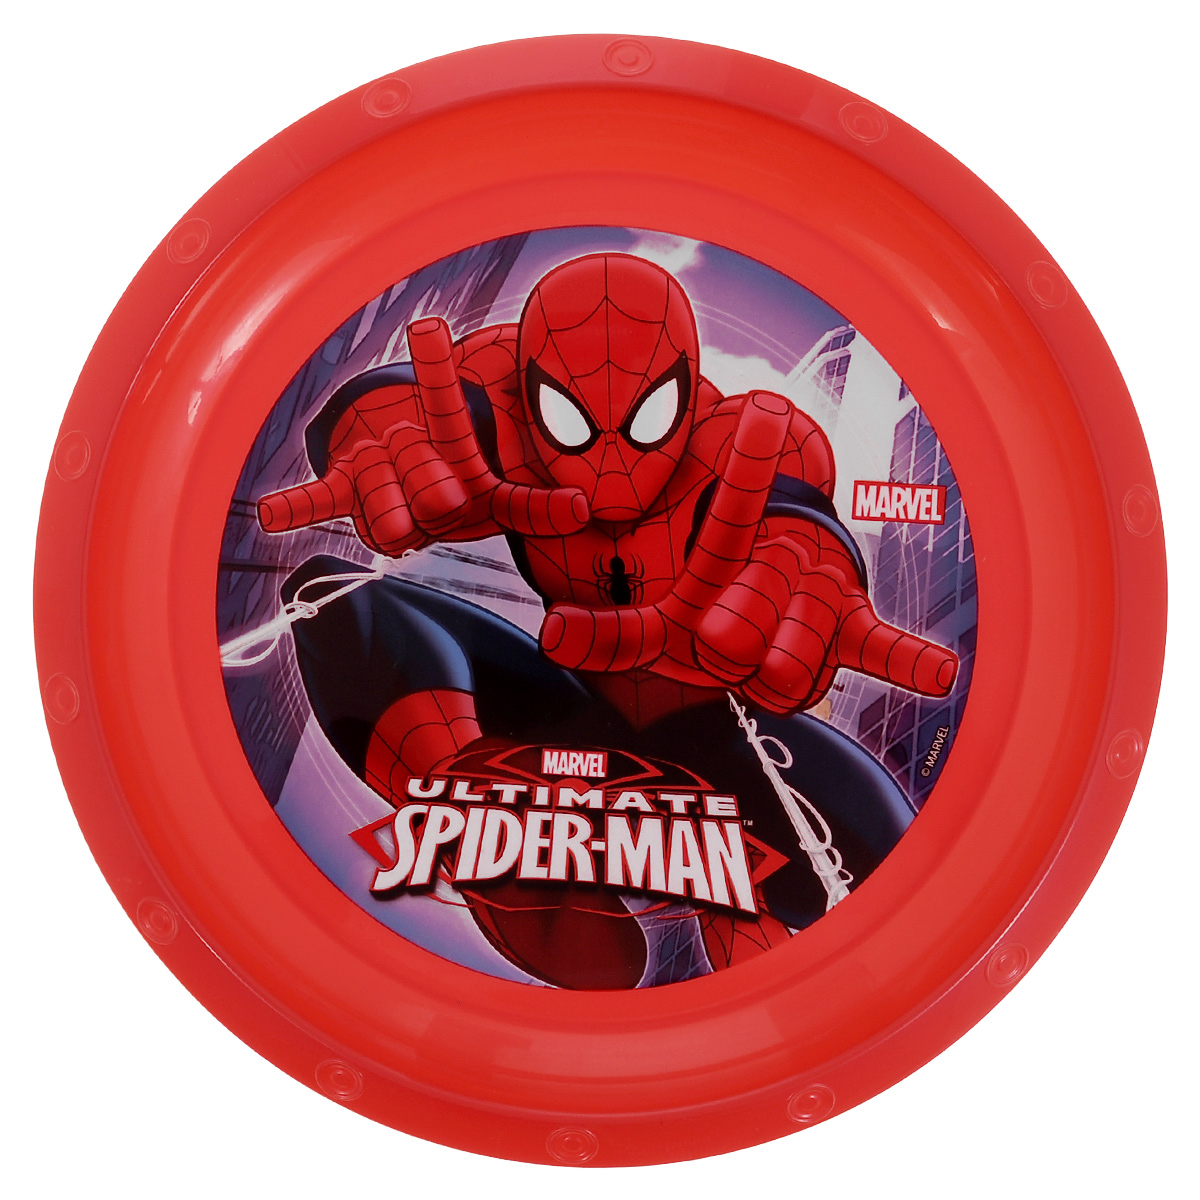 Тарелка Marvel Spider-Man, цвет: красный, 21.5 см52412_красныйЯркая тарелка Marvel Spider-Man, изготовленная из безопасного полипропилена красного цвета, непременнопонравится юному обладателю. Дно миски оформлено изображением супергероя - человека-паука изодноименного мультсериала. Изделие очень функционально, пригодится на кухне для самых разнообразных нужд. Рекомендуется для детей от: 3 лет.